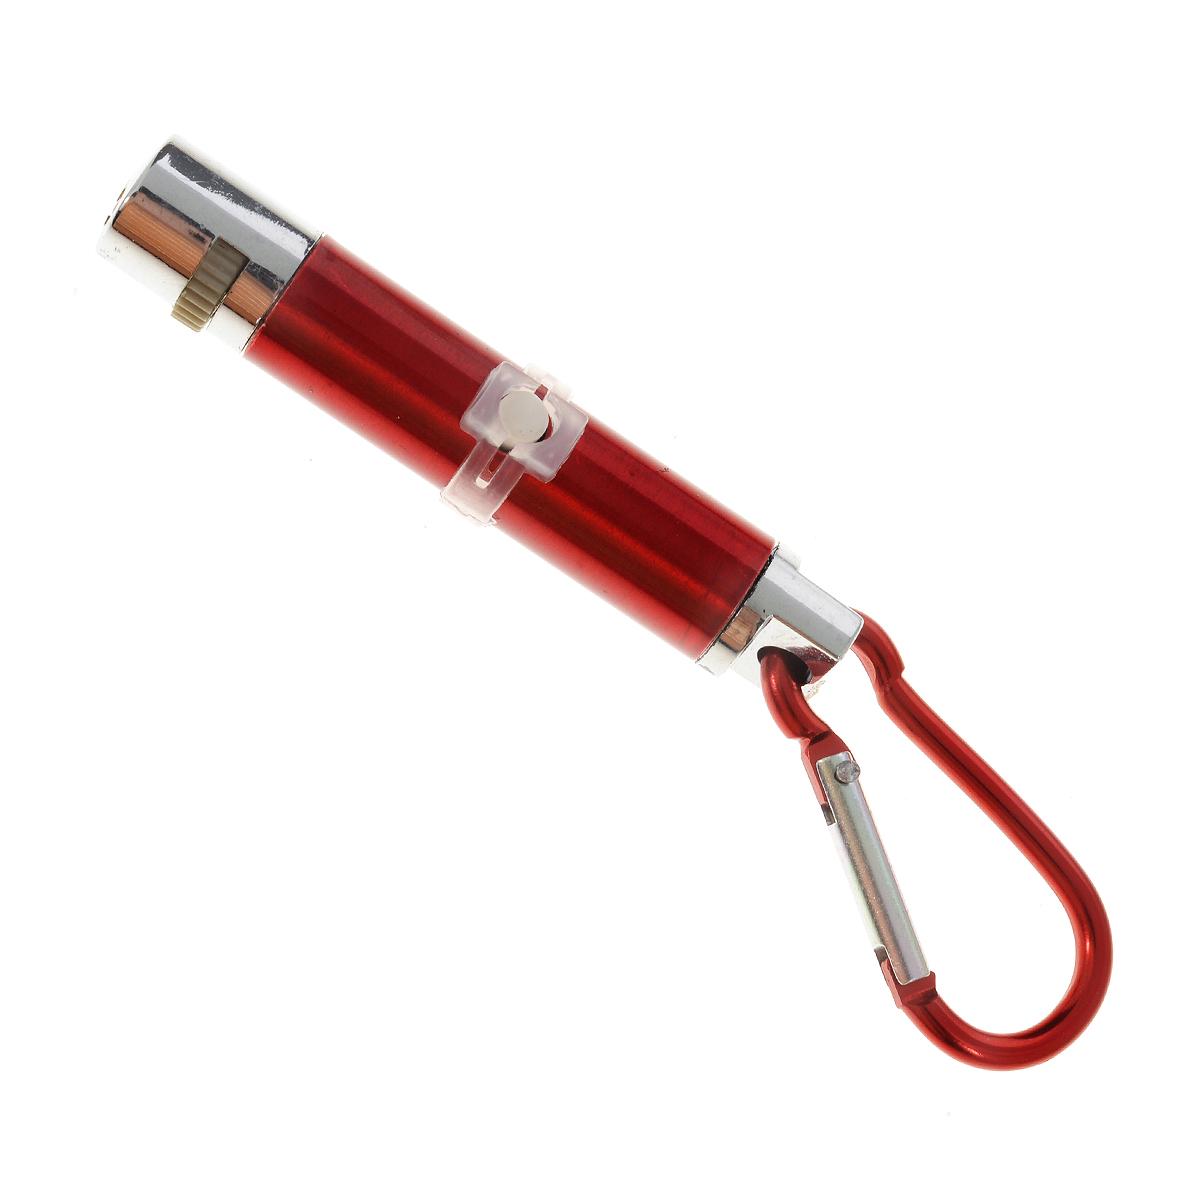 Игрушка для кошек V.I.Pet Лазерная указка, с фонариком, цвет: красный1014Игрушка V.I.Pet Лазерная указка с карабином, изготовленная из высокопрочного металла и пластика, предназначена для игры с вашей любимой кошкой. Игрушка оснащена 5 фигурными лучами и фонариком.Игрушка работает от 3 батареек типа LR1130, которые входят в комплект. Длина: 8 см. Диаметр: 1,5 см. Уважаемые клиенты! Обращаем ваше внимание на незначительные изменения в дизайне фигурных лучей. Фигурные лучи могут отличаться по форме от лучей, изображенных на фотографии. Поставка осуществляется в зависимости от наличия на складе.